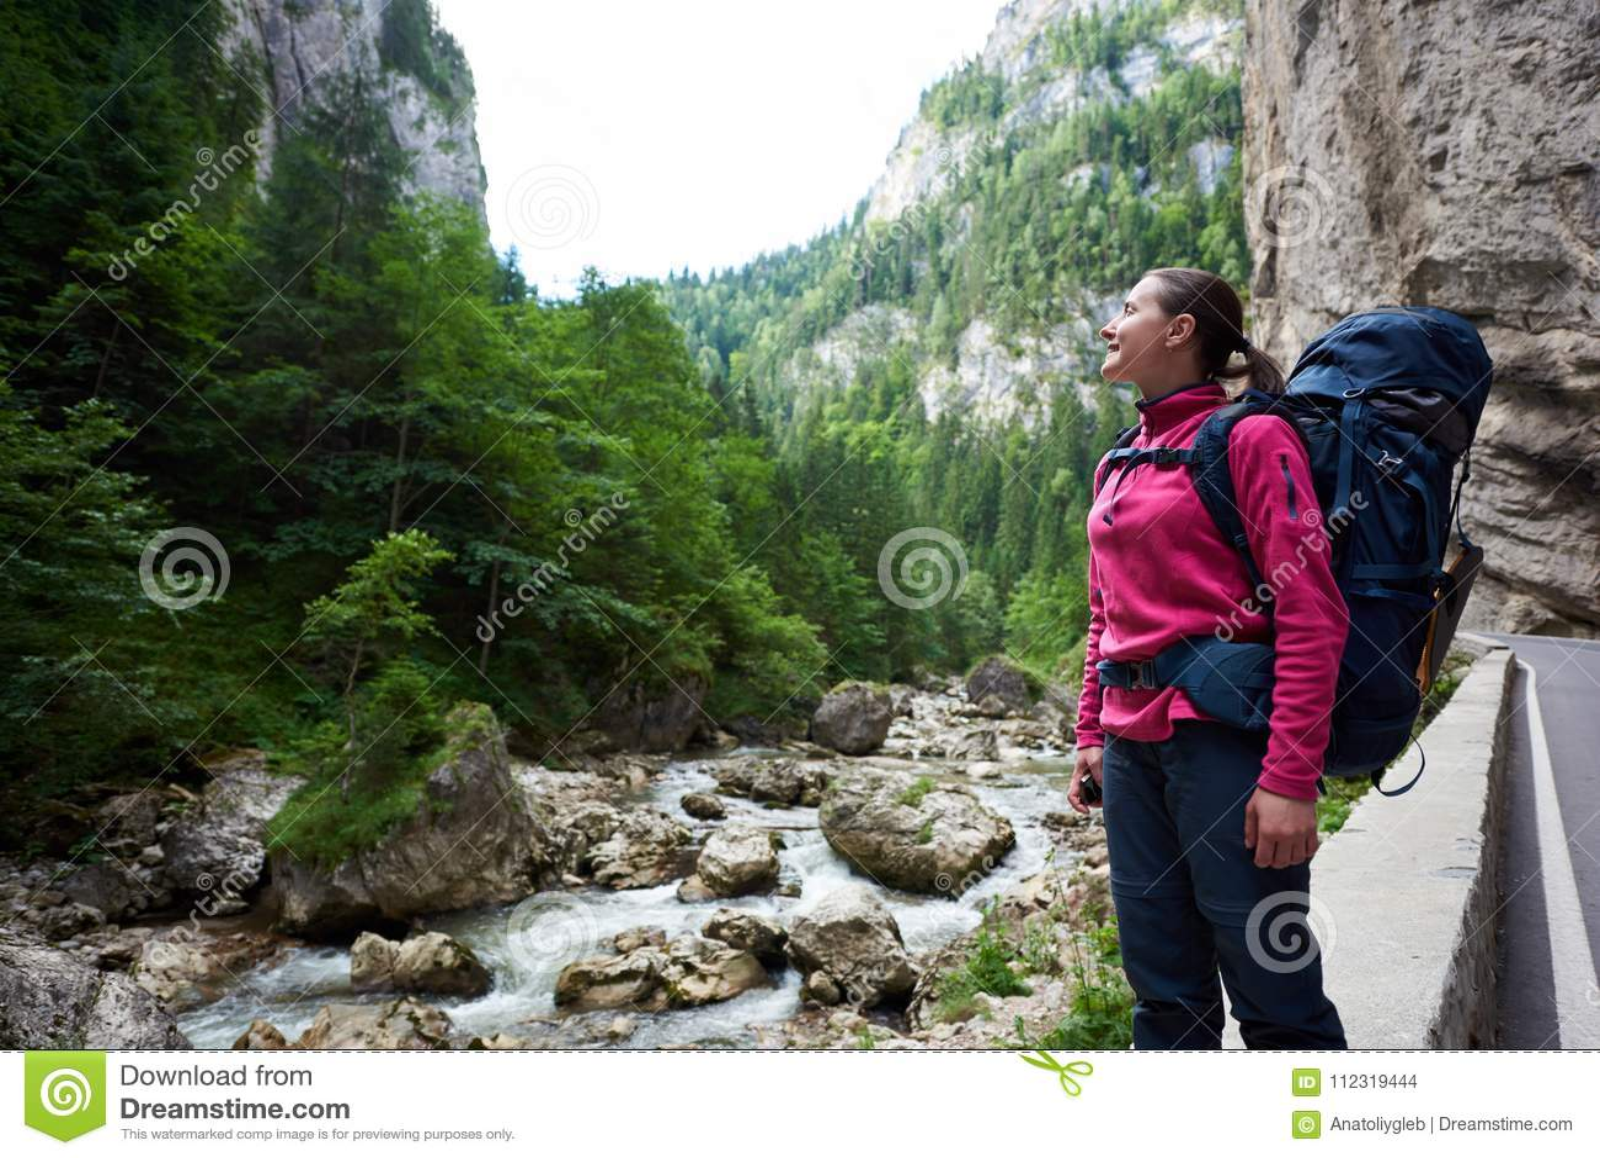 Escalador femenino que admira vista asombrosa de montañas rocosas y de la corriente herbosas verdes del agua en área montañosa en